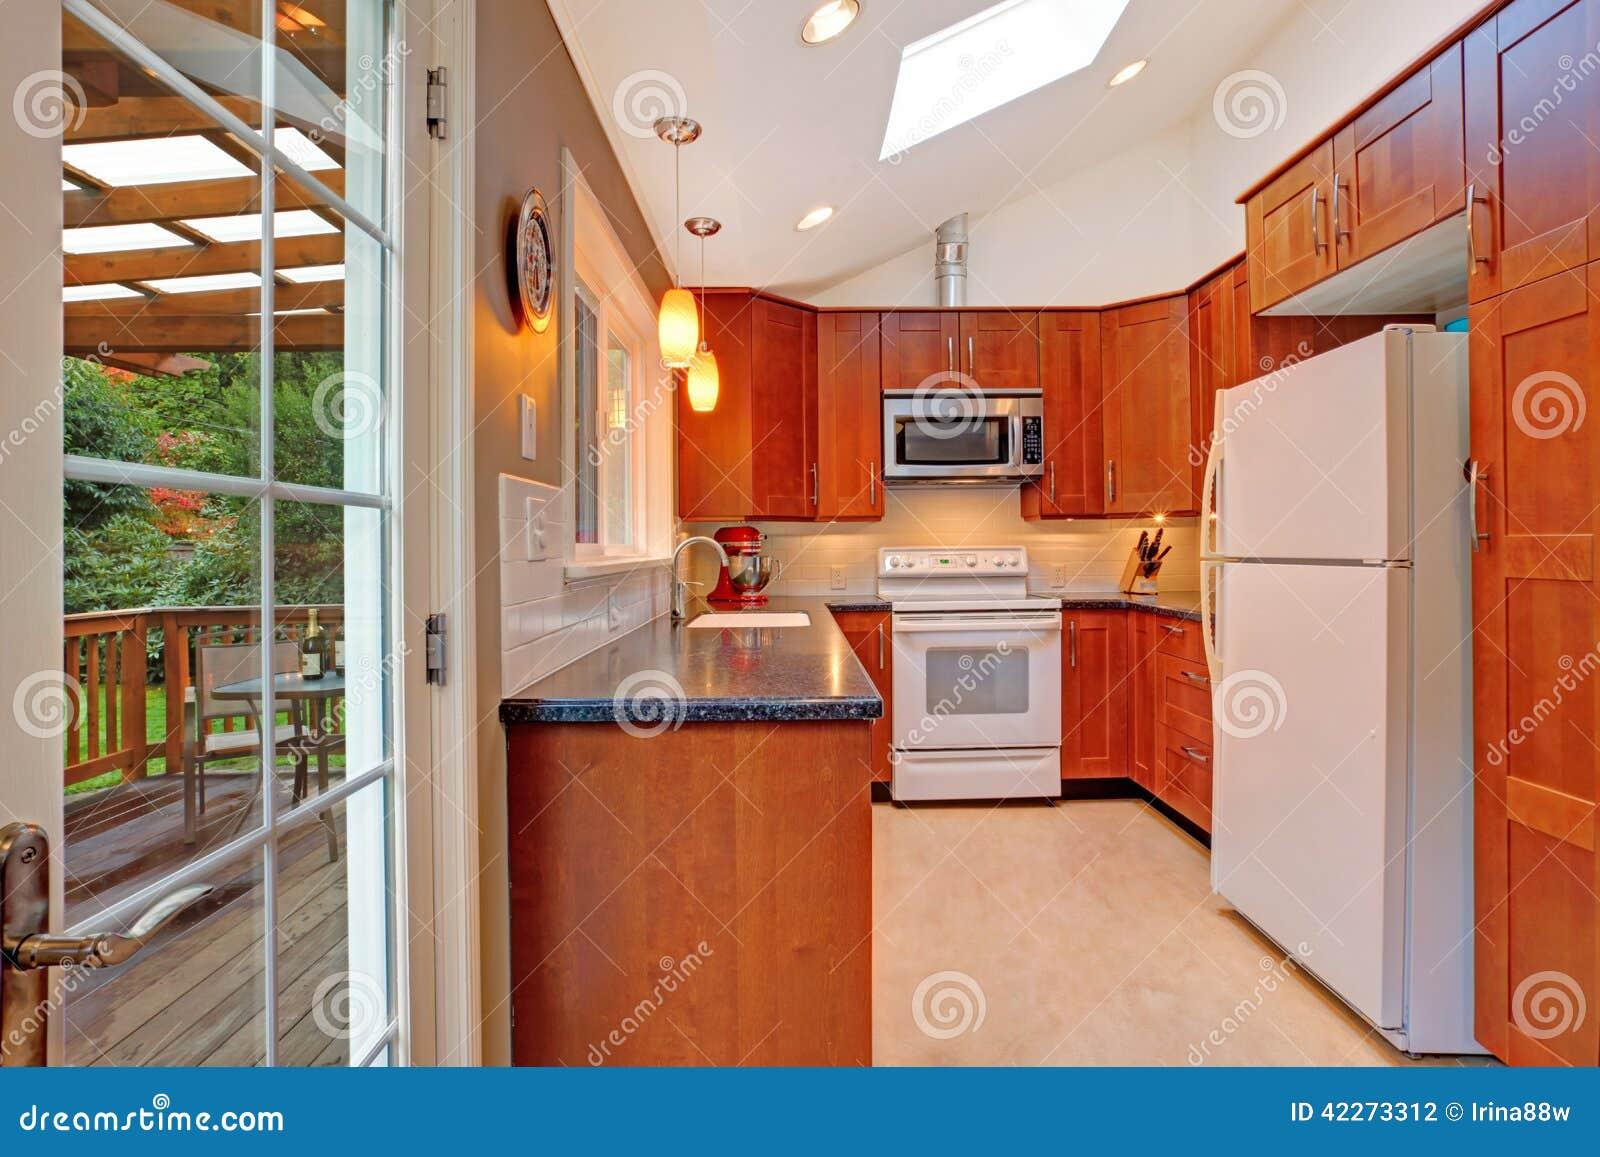 Tragaluz techo cocina